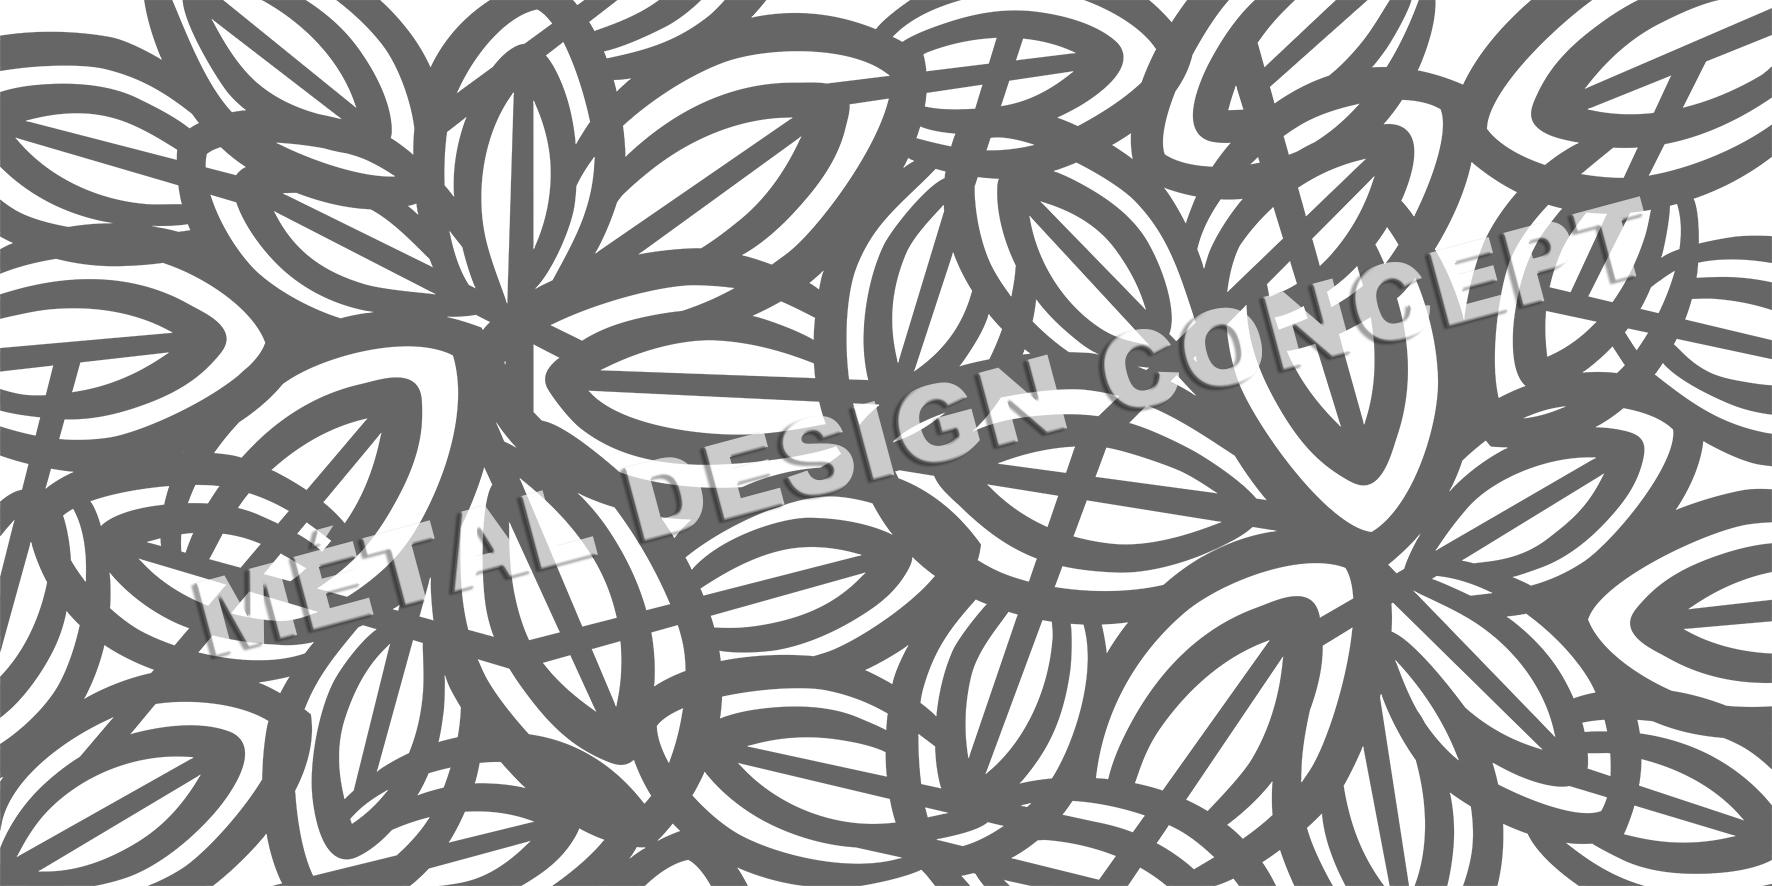 motif tole perforée décorative